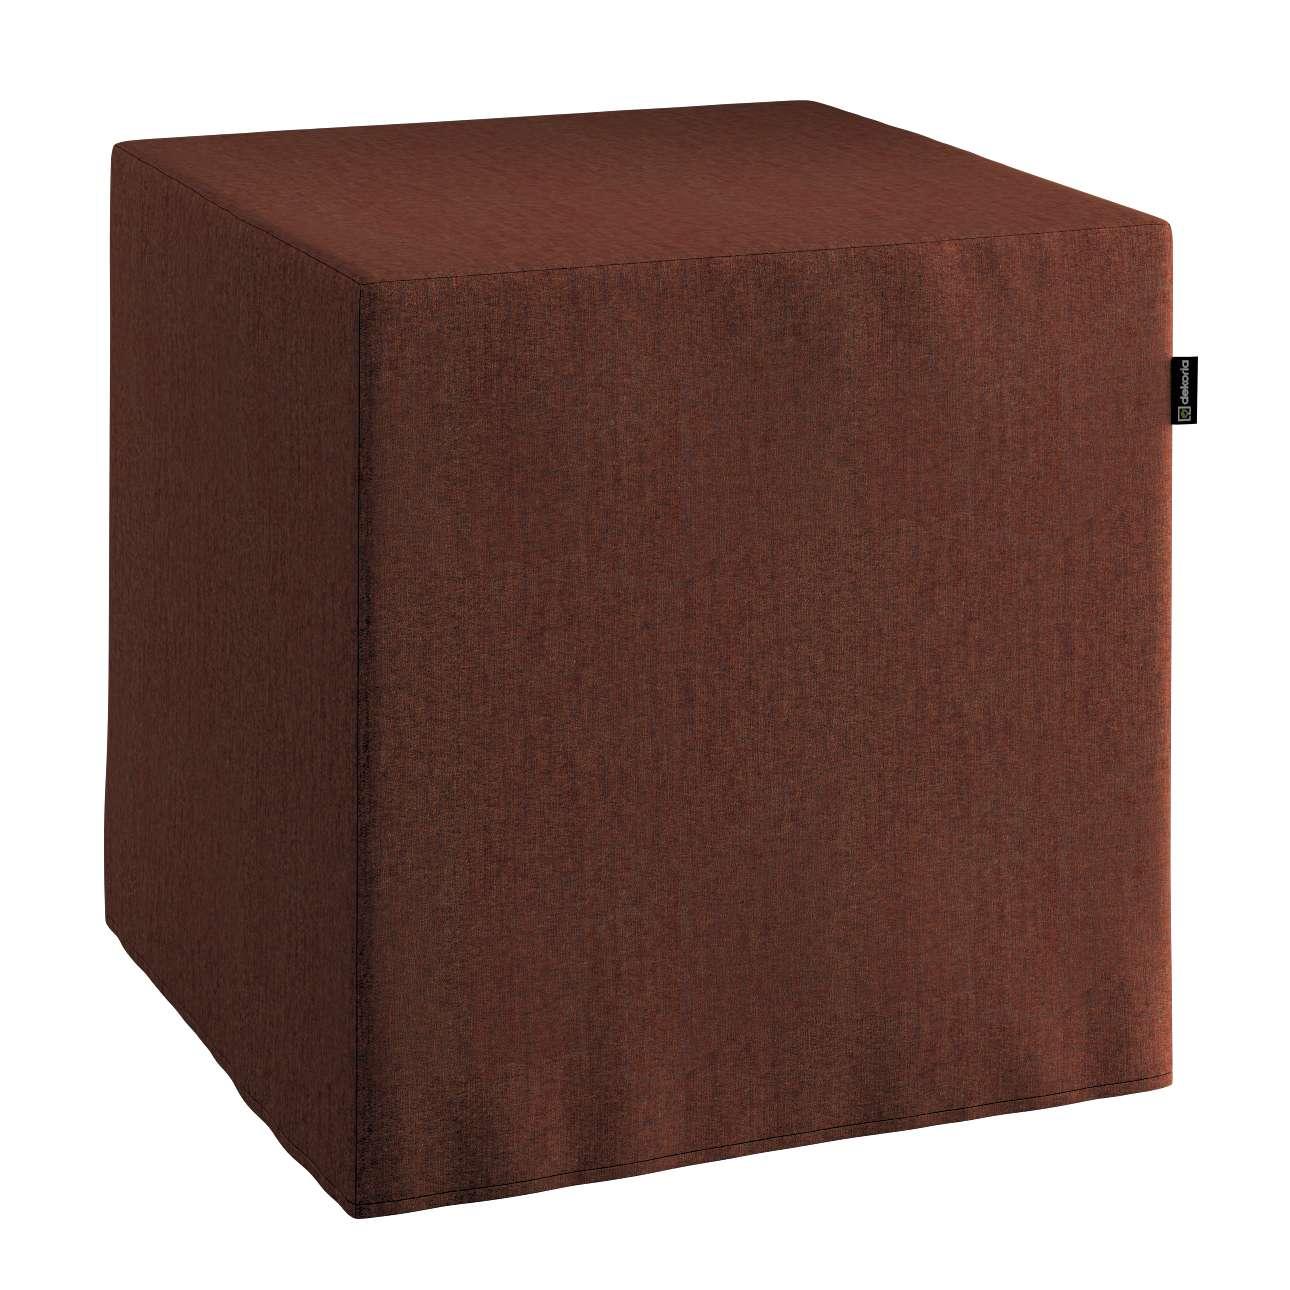 Sitzwürfel von der Kollektion Chenille, Stoff: 702-18